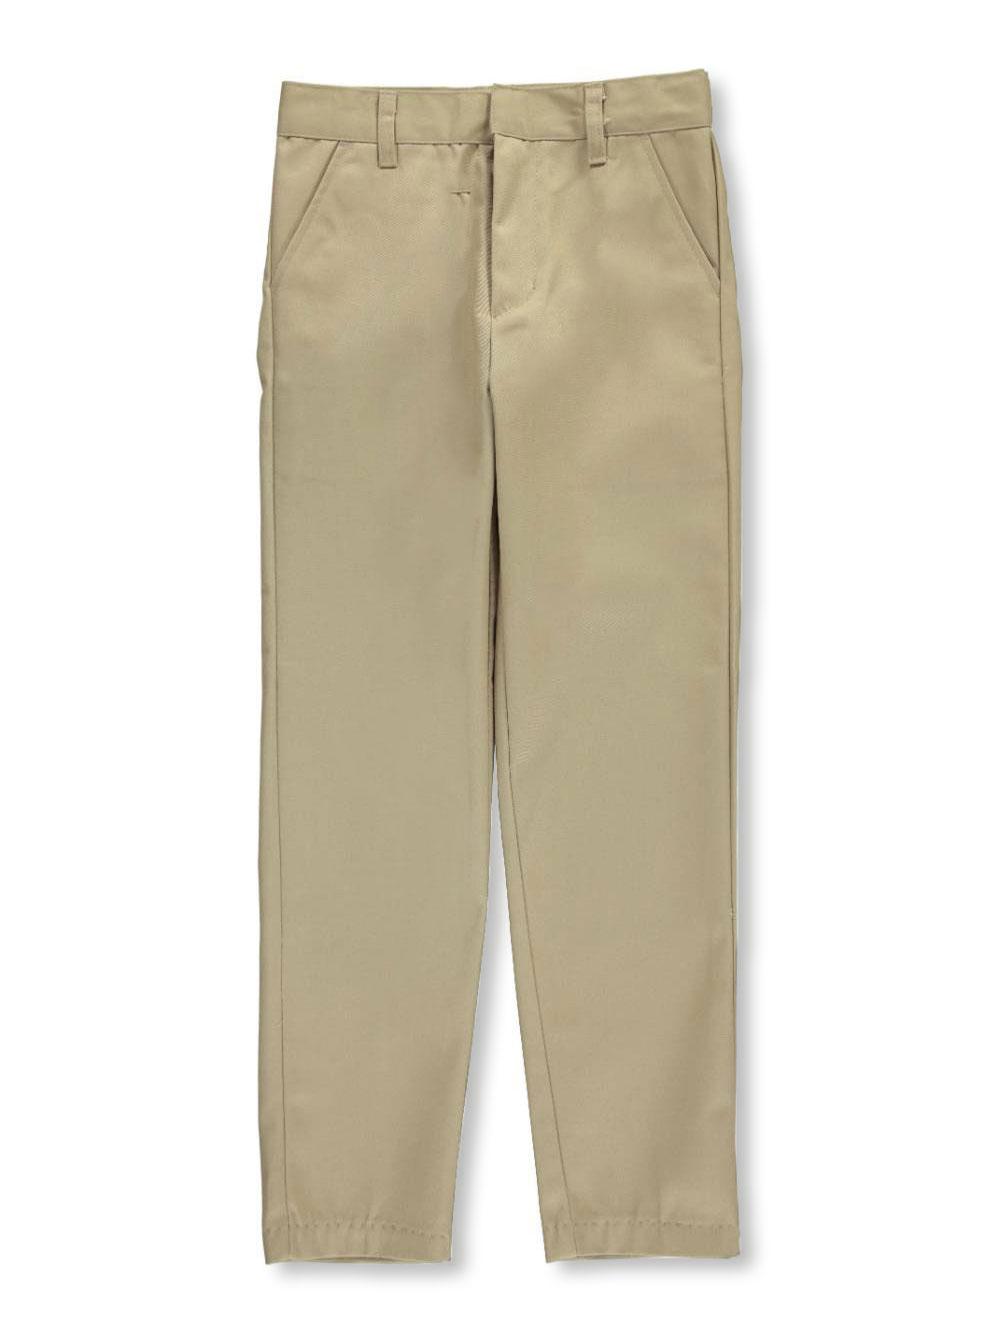 Костюм брюки мужские с доставкой